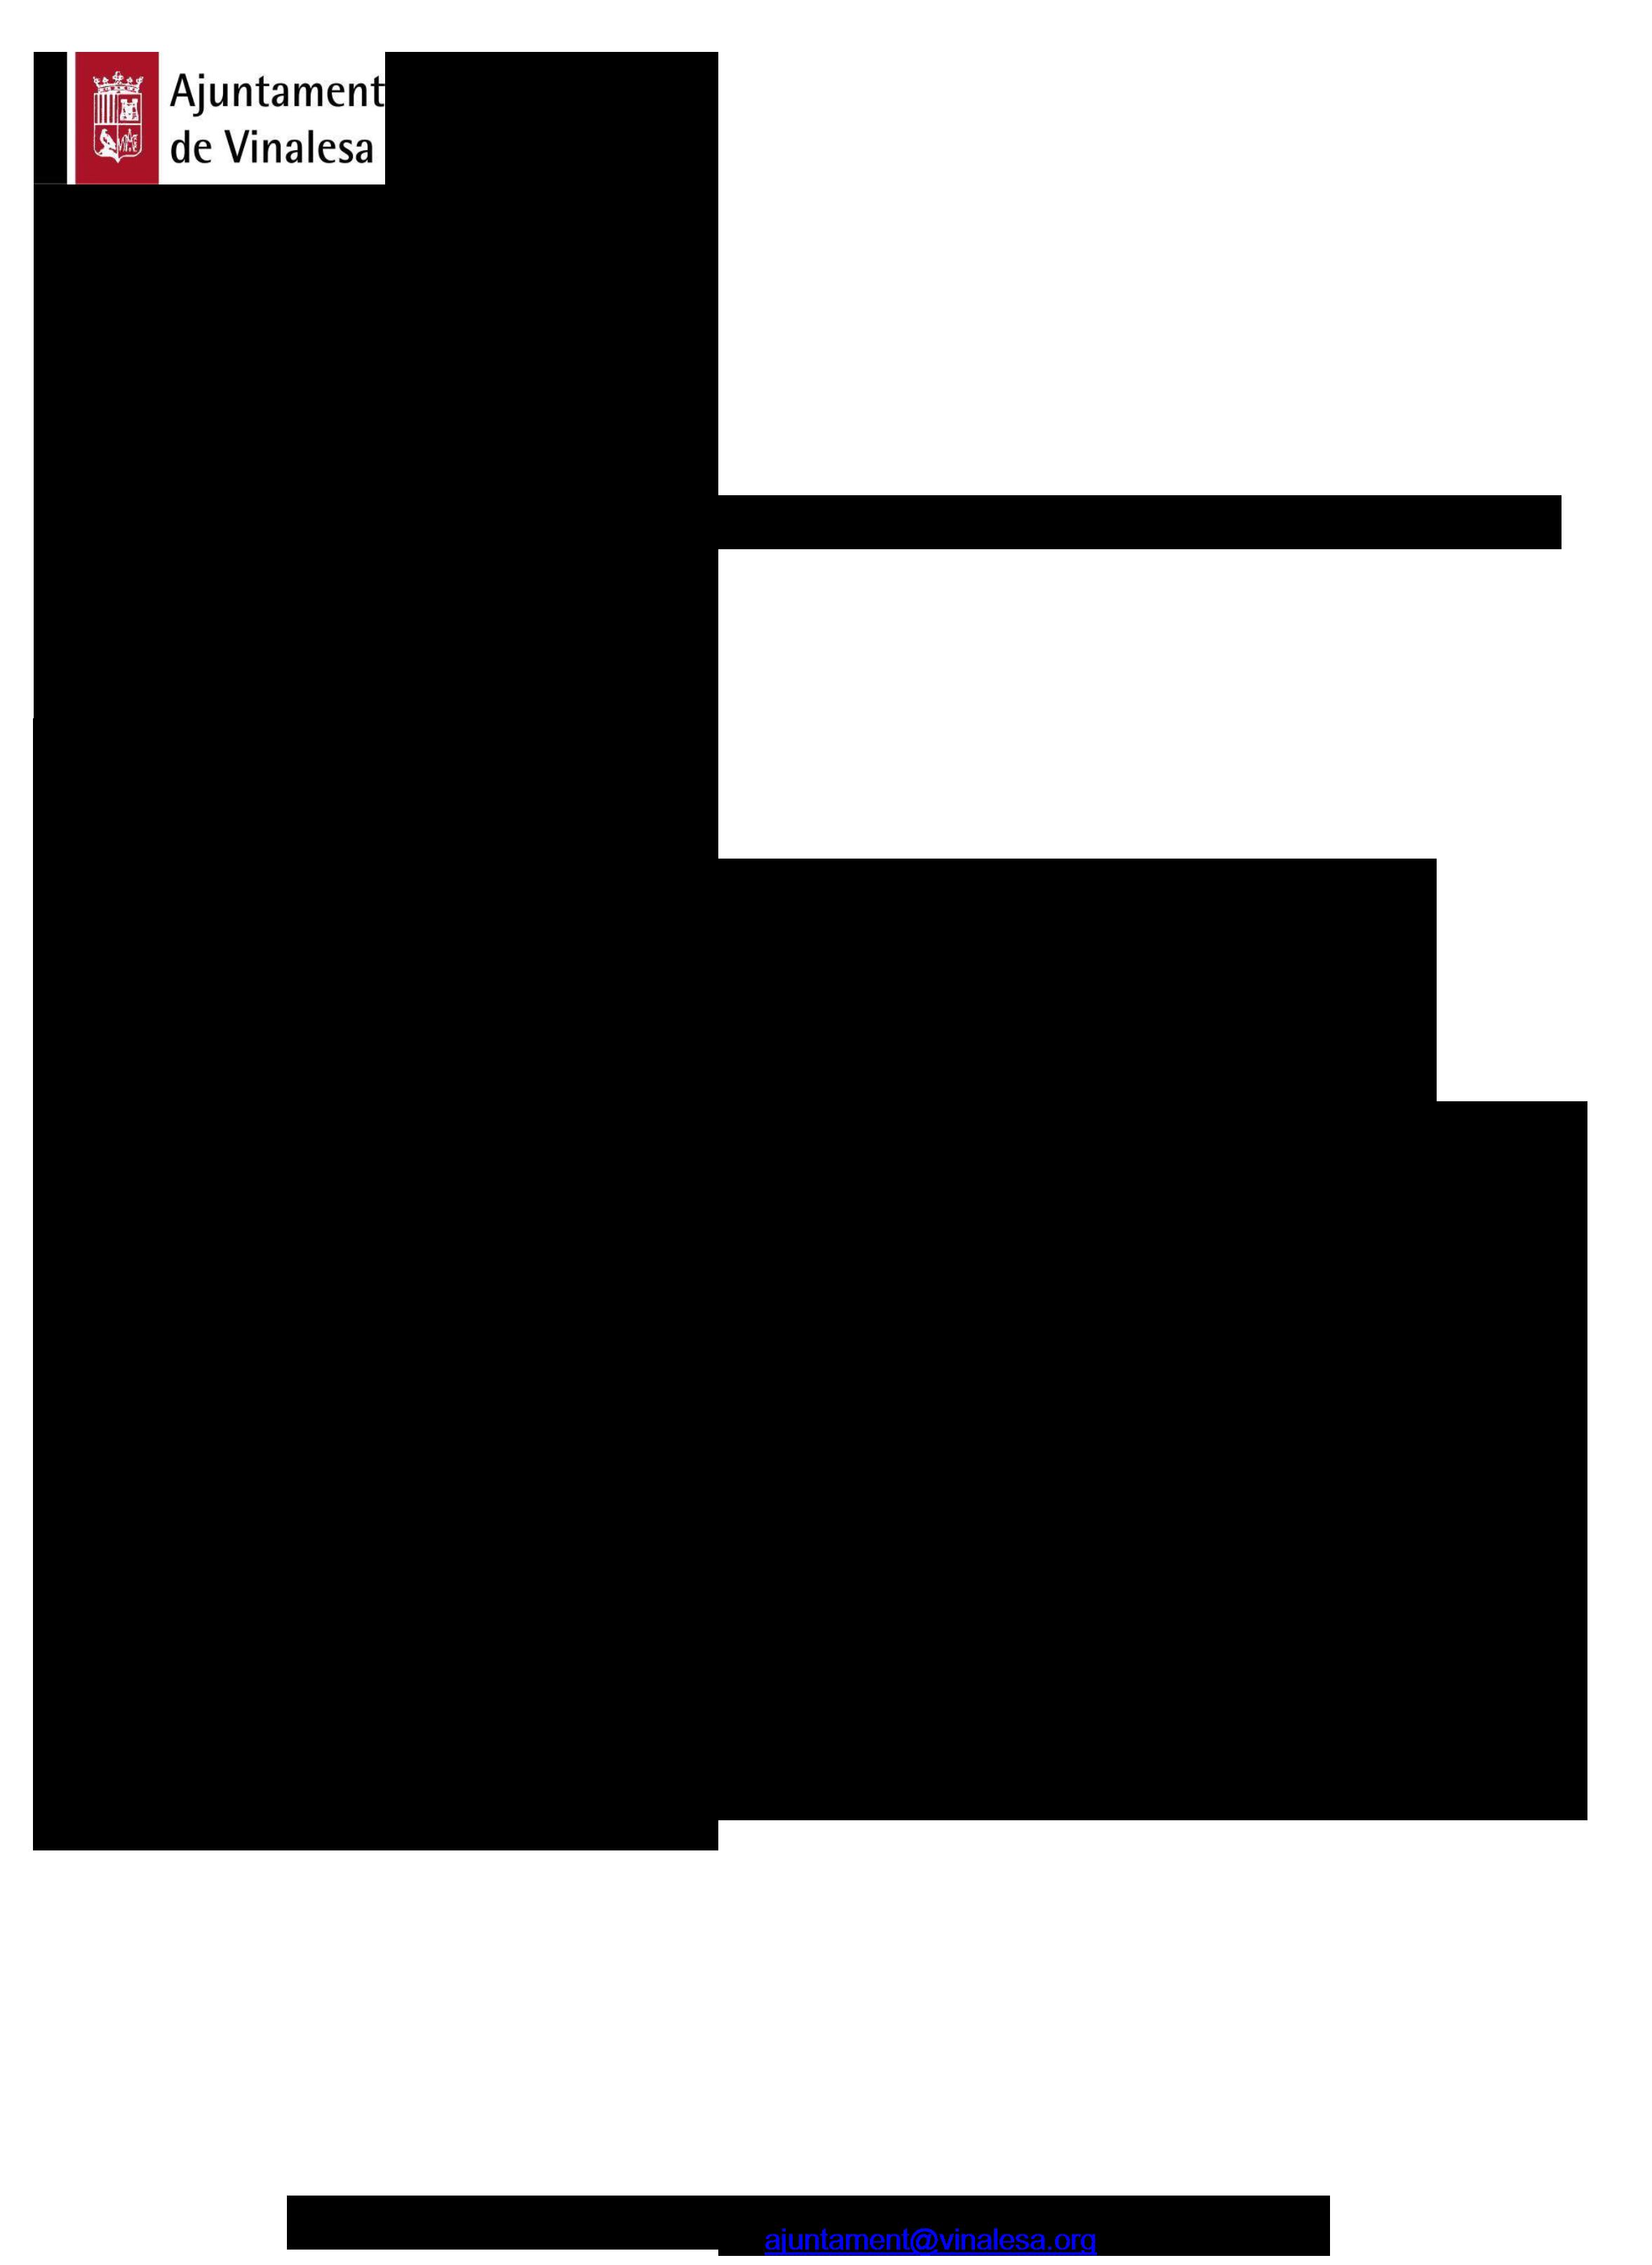 Impreso Declaración Responsable Segunda Ocupación - Vinalesa-2